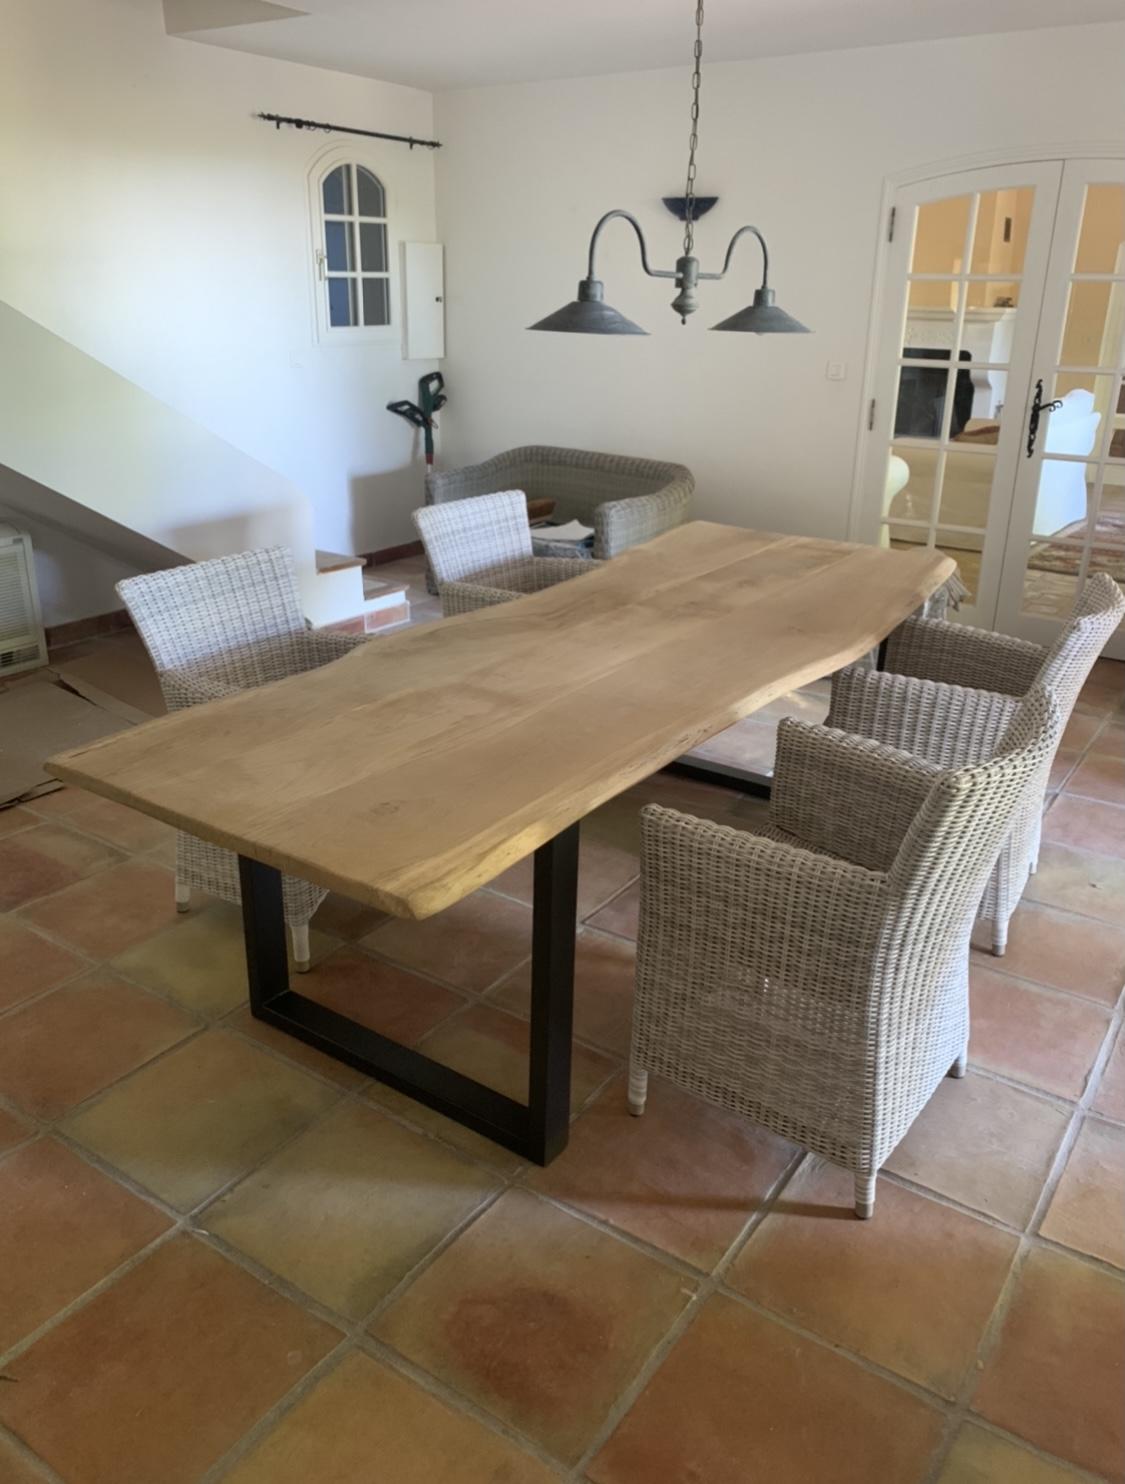 Table vieux chêne clair bords irréguliers avec piètement métallique – 1800,00€